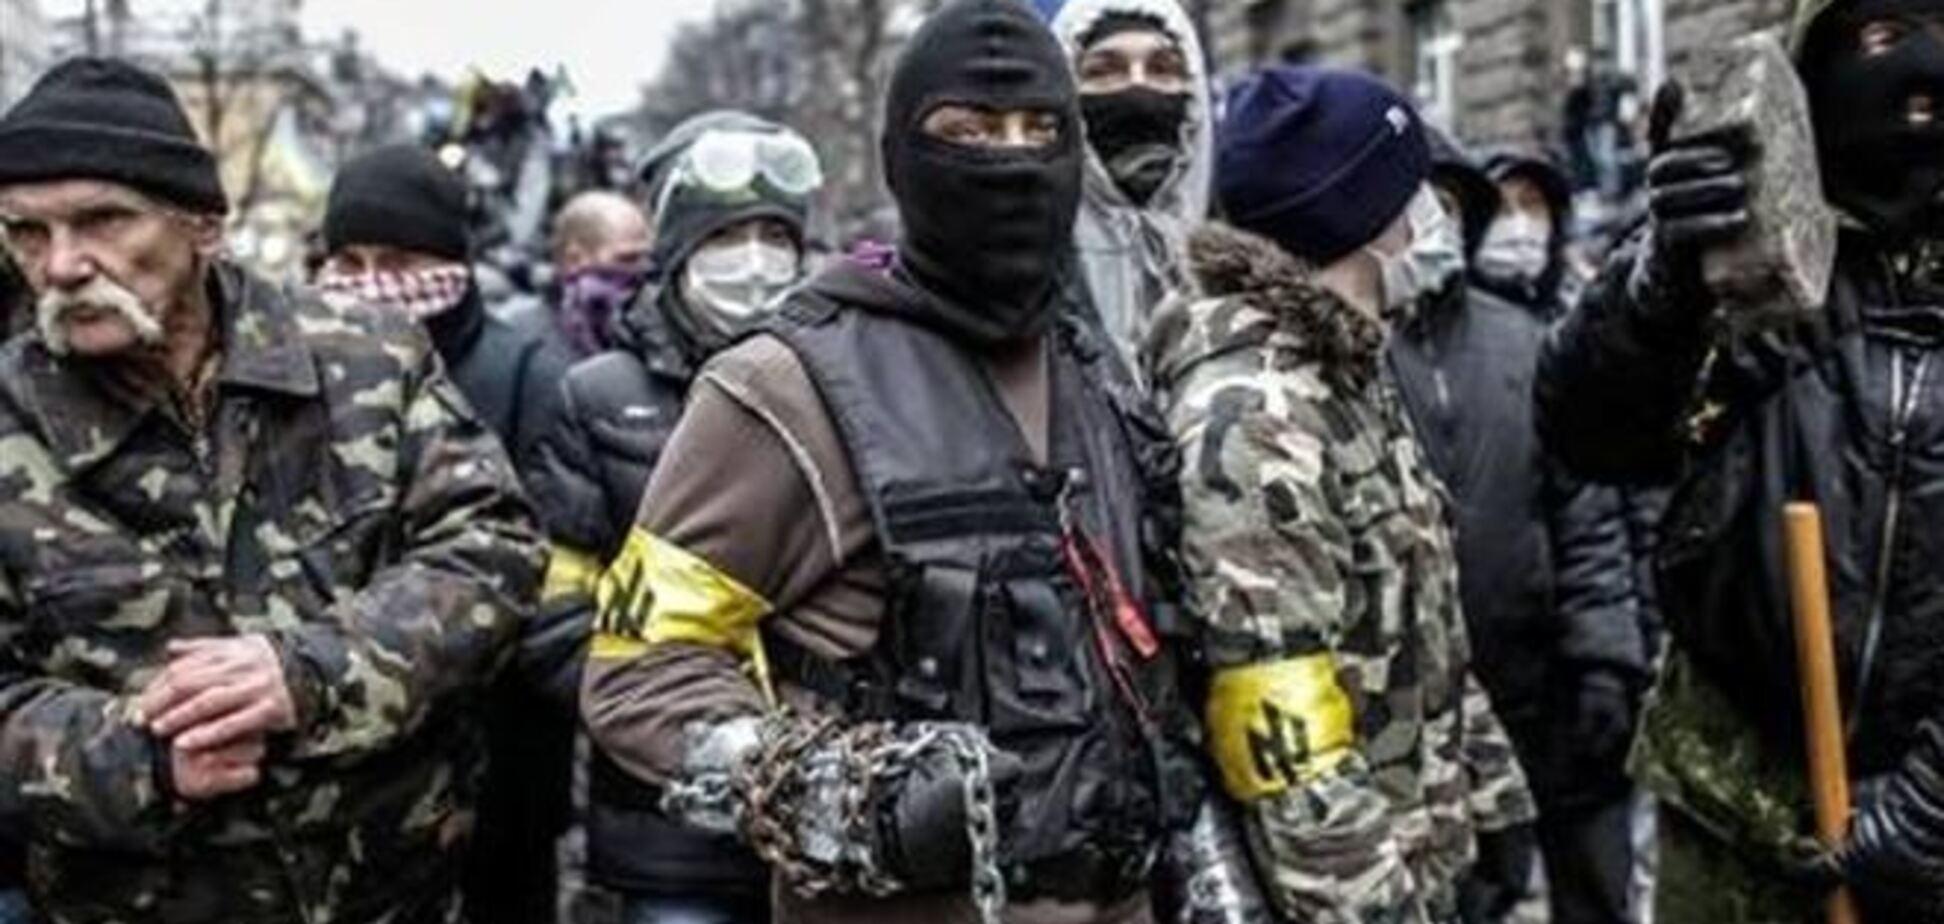 'Правый сектор' призвал владельцев огнестрельного оружия встать на защиту Майдана